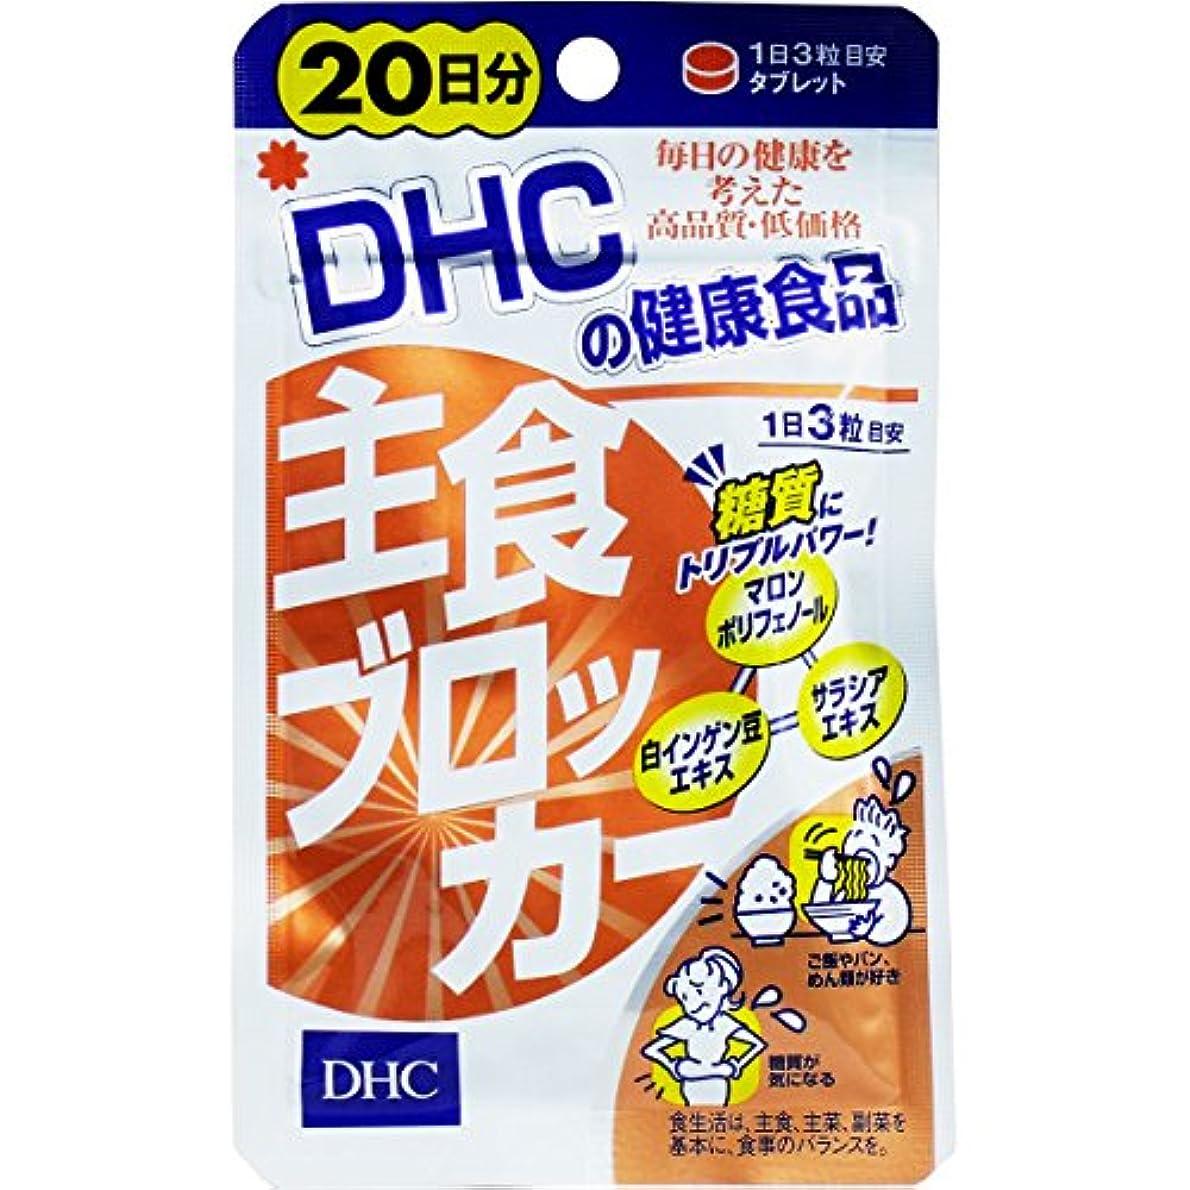 ベットお手伝いさん正規化【DHC】主食ブロッカー 20日分 60粒 ×20個セット